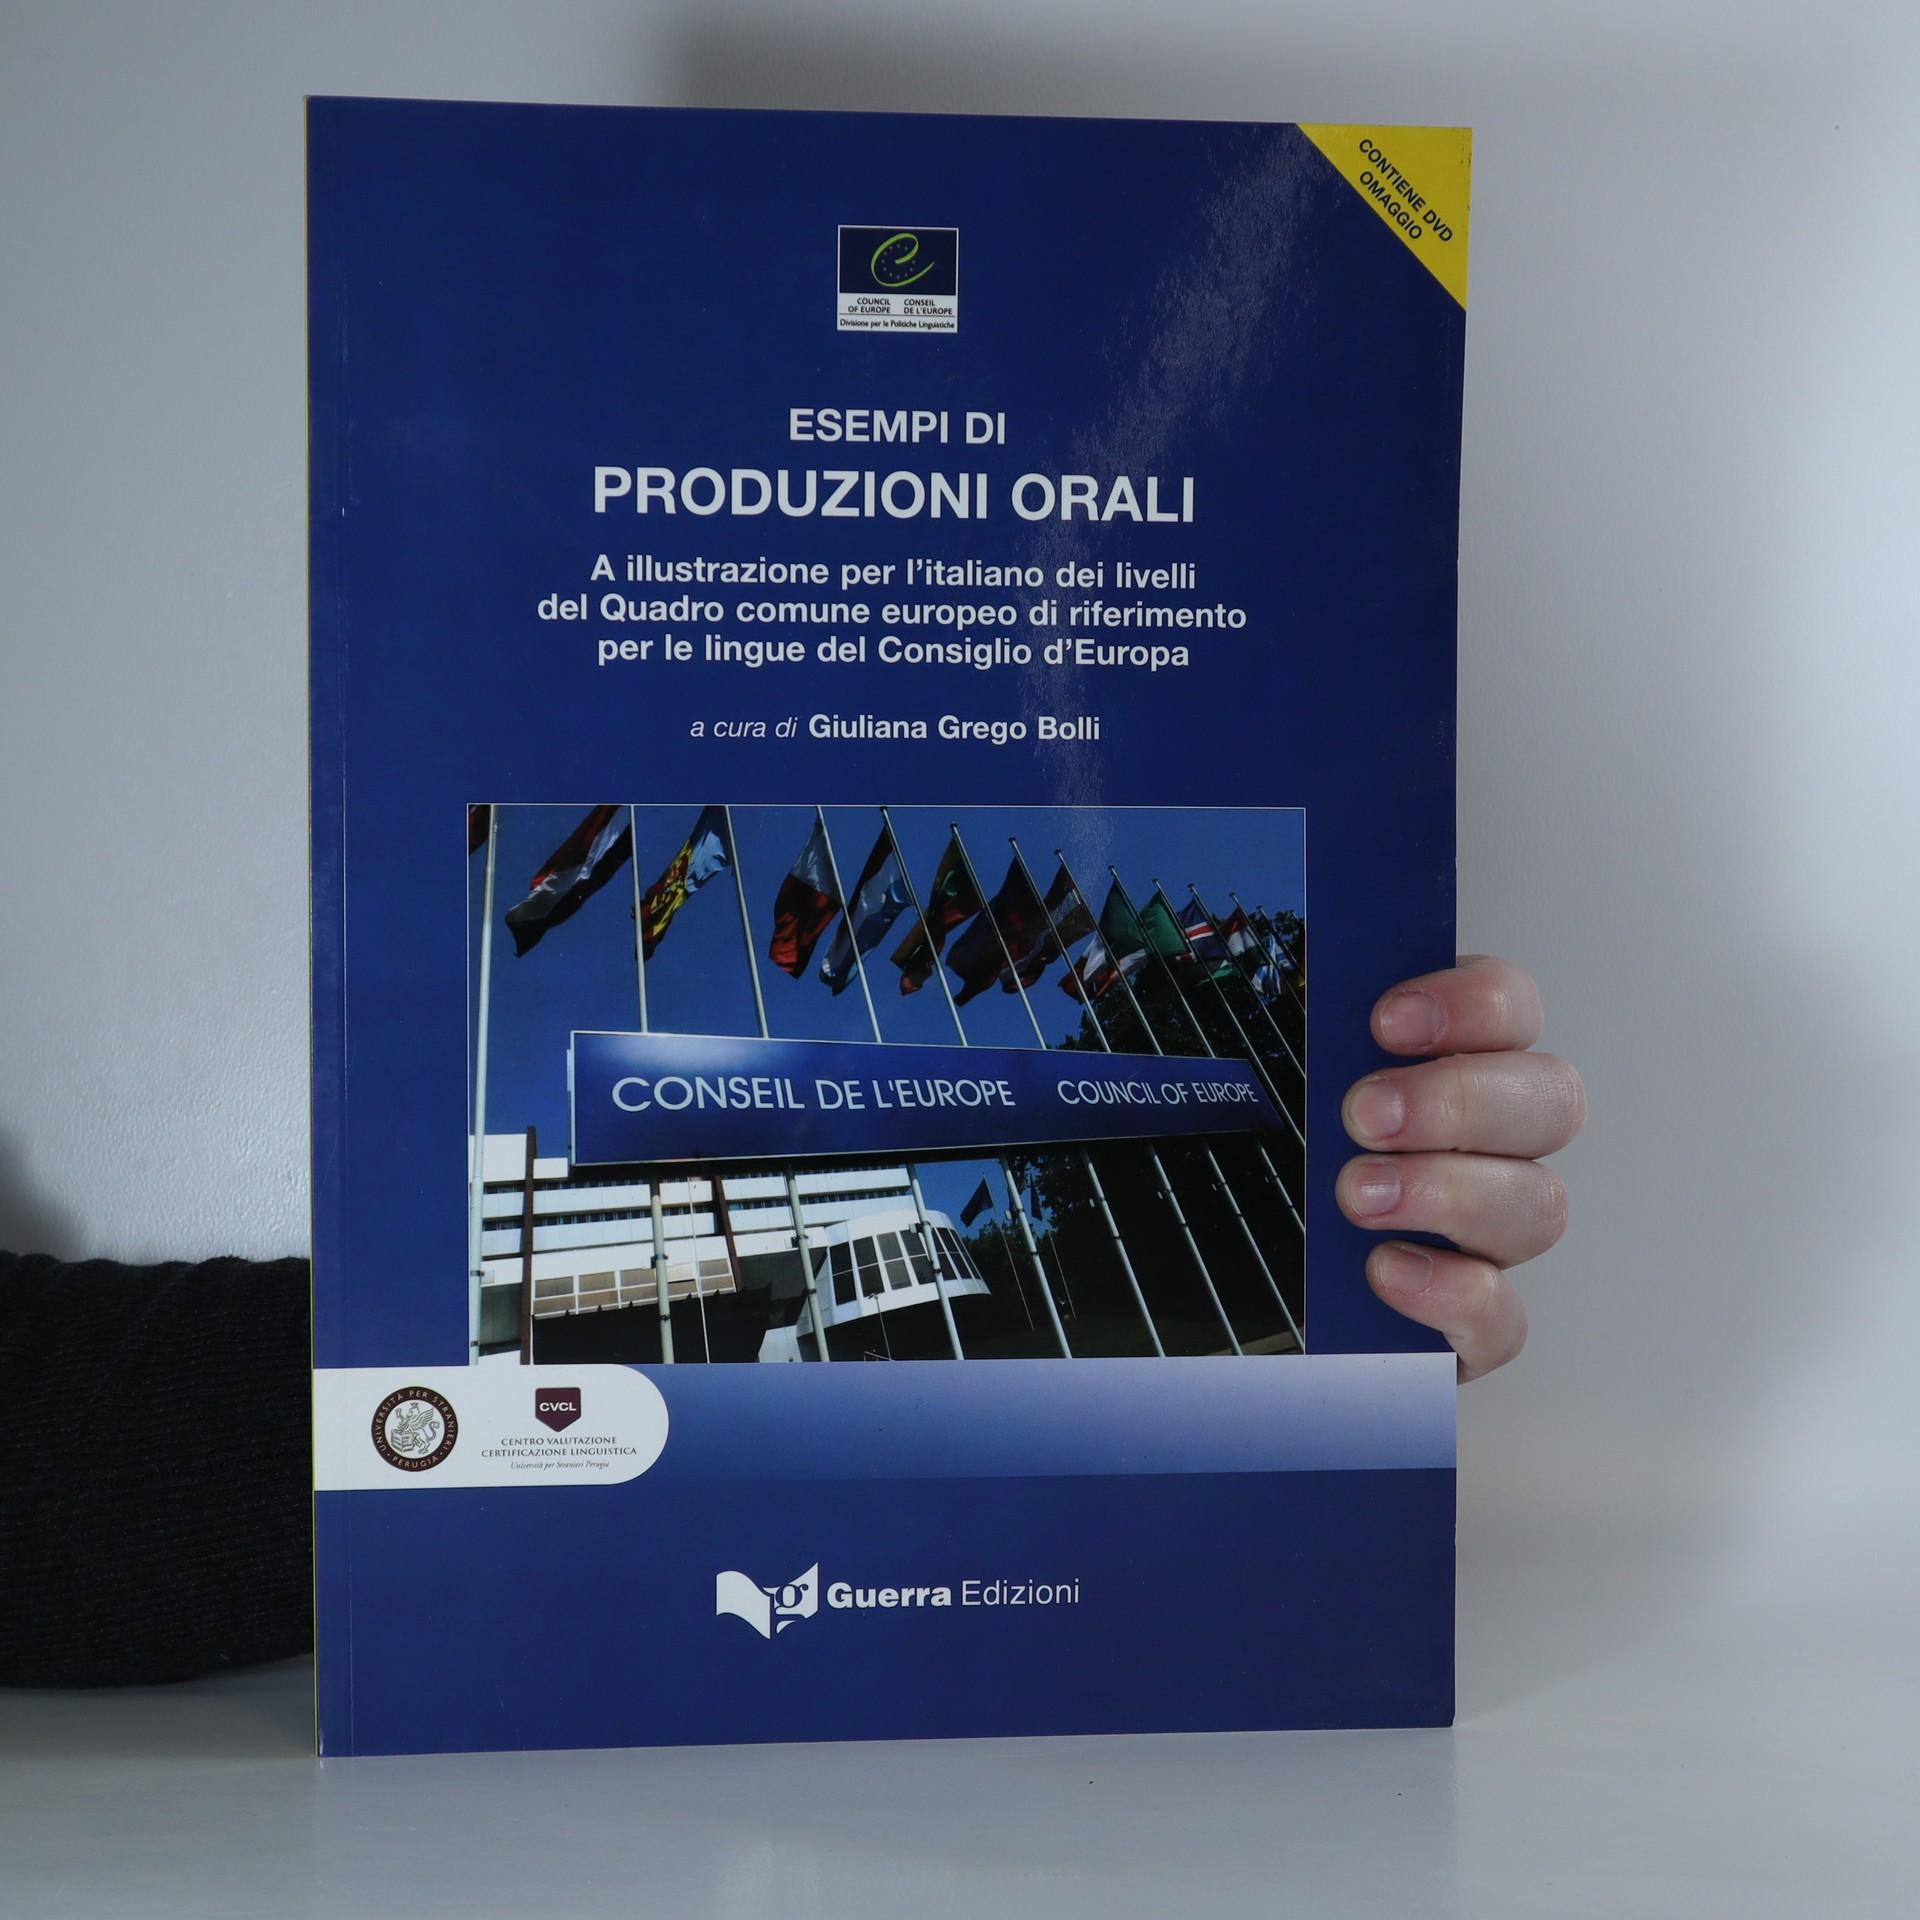 antikvární kniha Esempi di produzioni orali, 2008